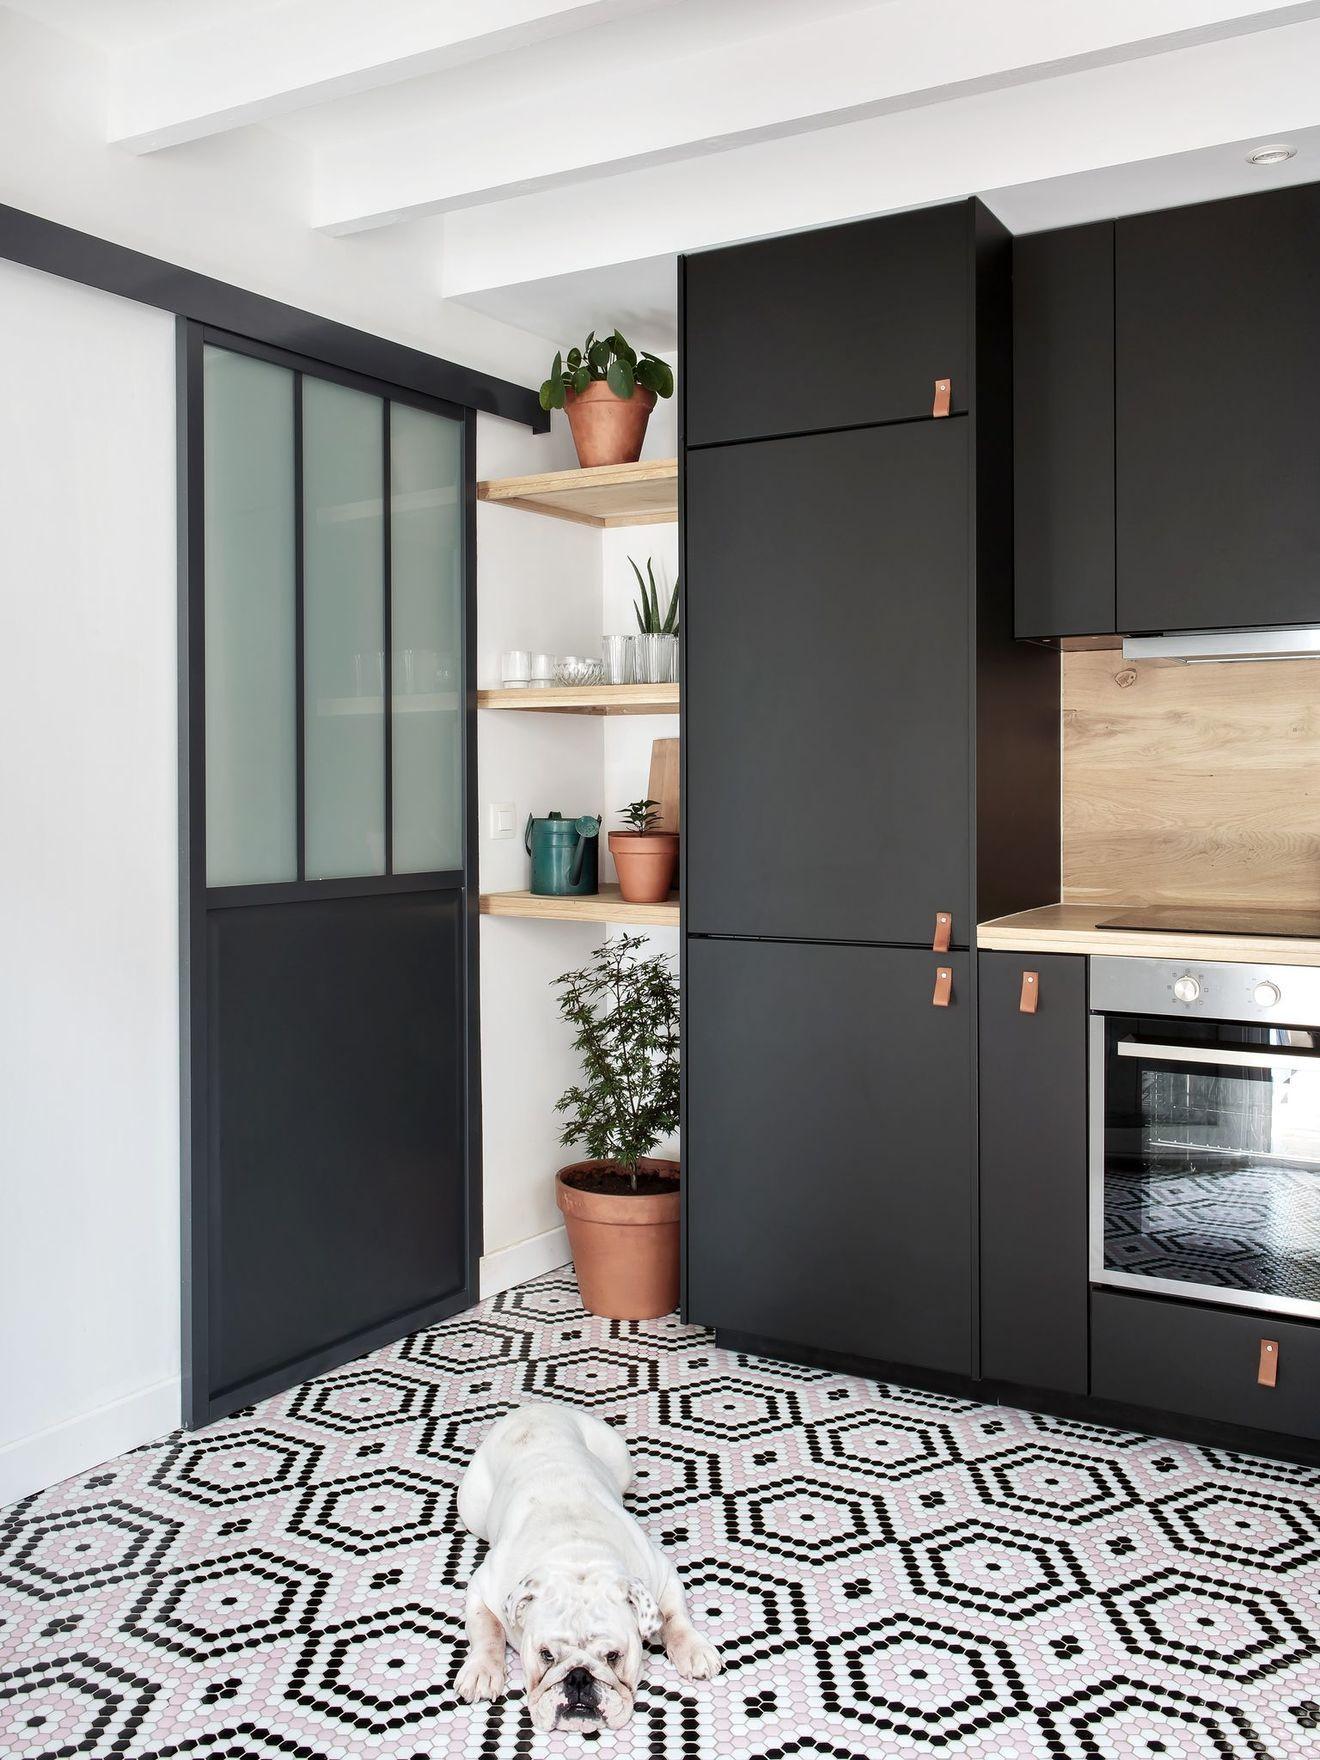 Küchenschrank ideen kleine küchen maison valduoise  rénovation entrée et cuisine pour famille